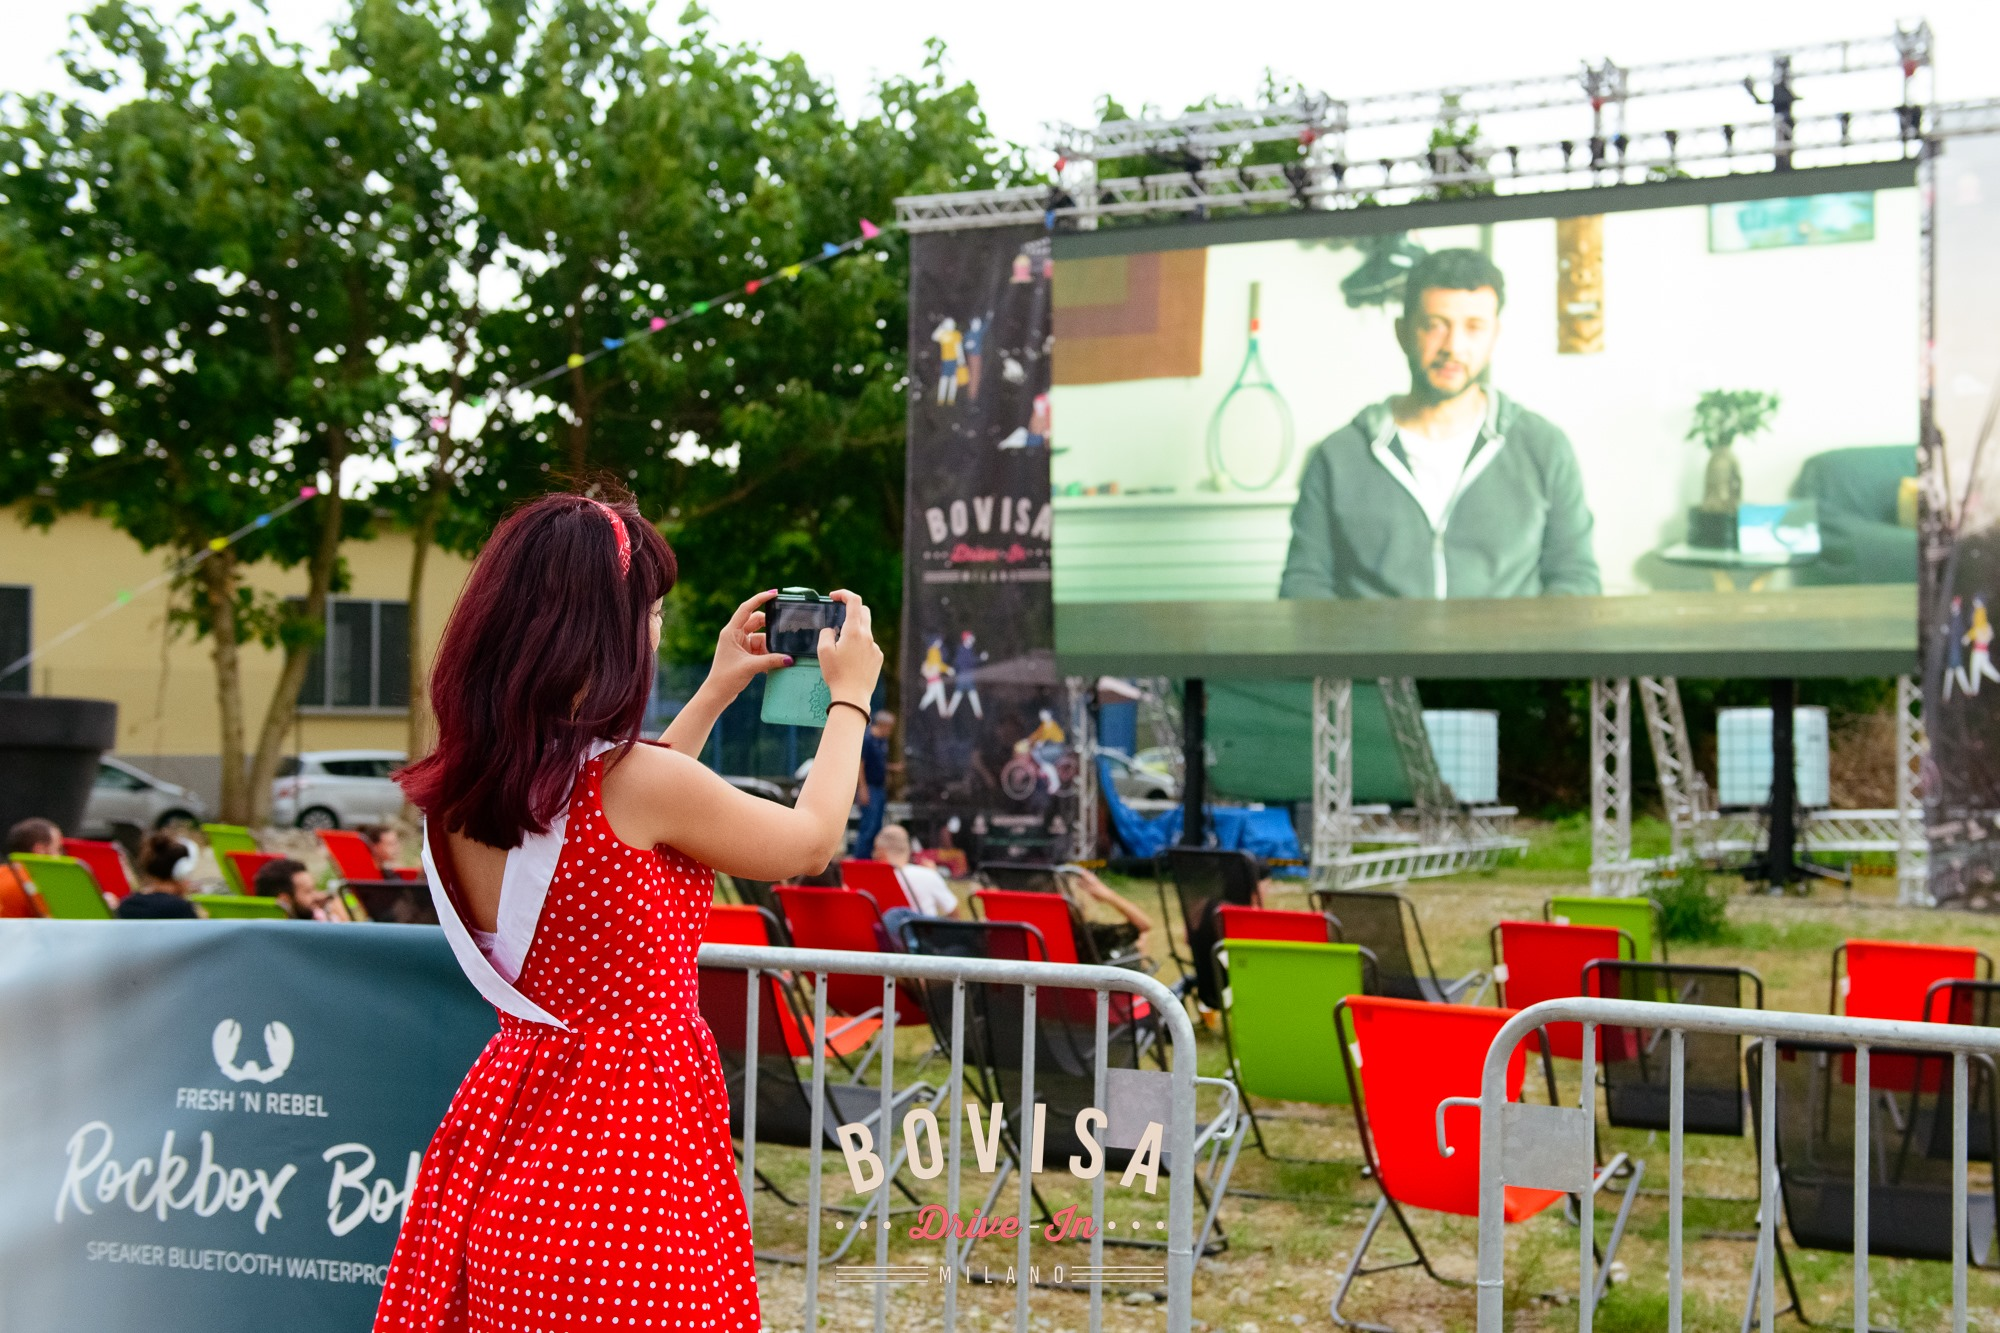 #5 Bovisa Drive-In next event 5-6-7 luglio cinema food truck bar attrazioni milano